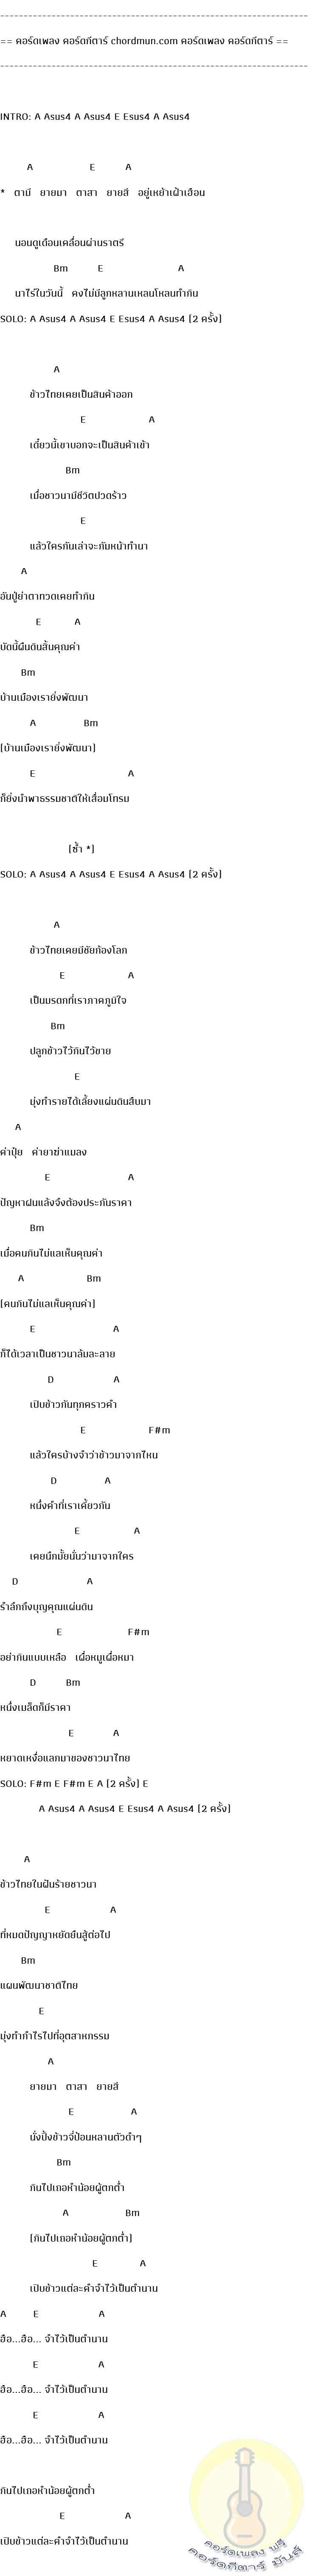 คอร์ดกีต้า ง่ายๆ  เพลง มรดกข้าวไทย